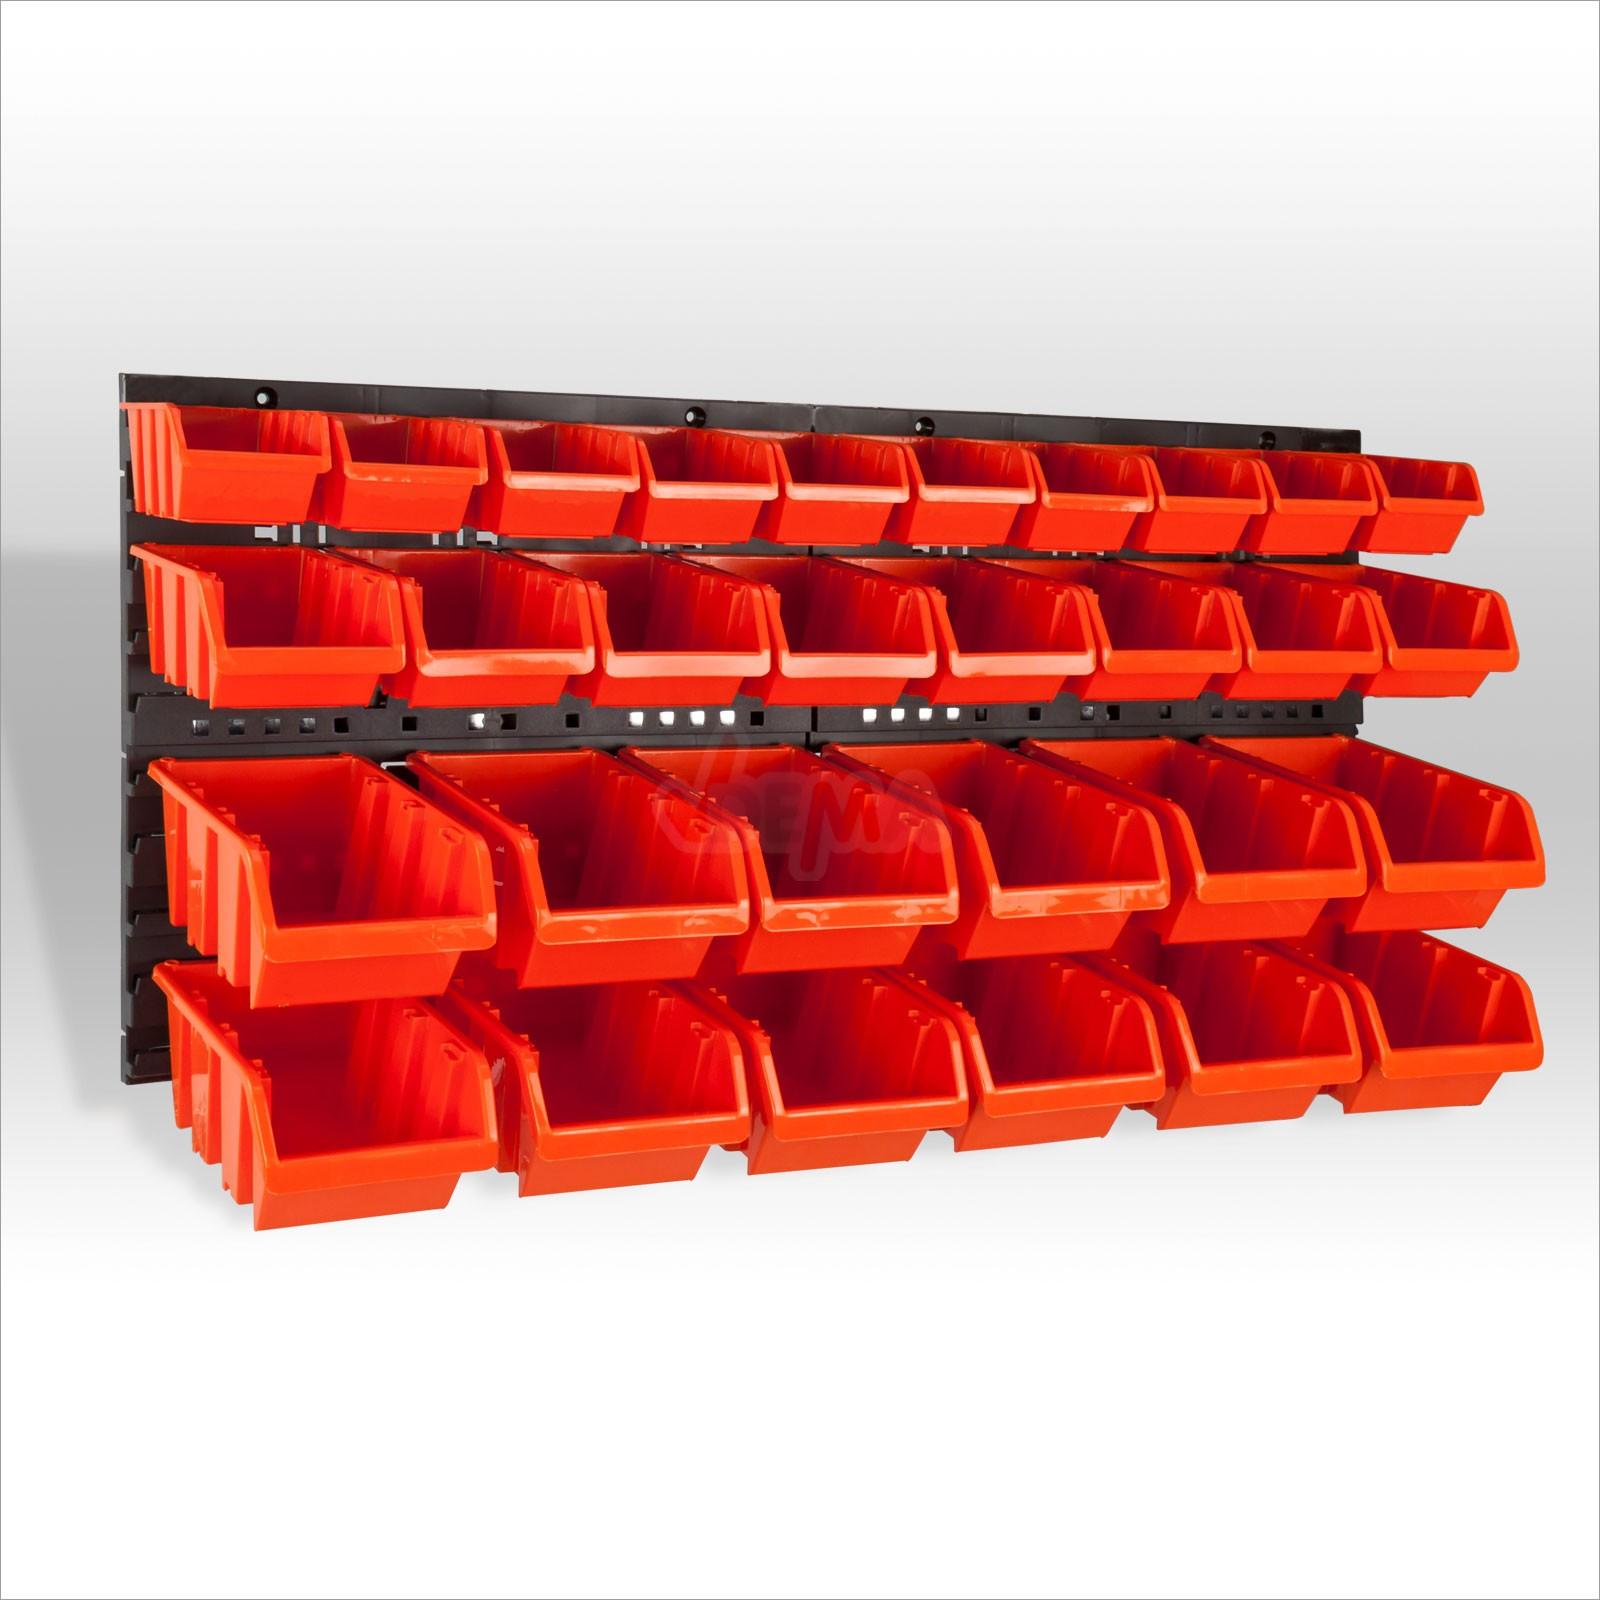 sch ttenregal sch tten kleinteileregal regal mit 30 boxen kleinteile neu 14314. Black Bedroom Furniture Sets. Home Design Ideas